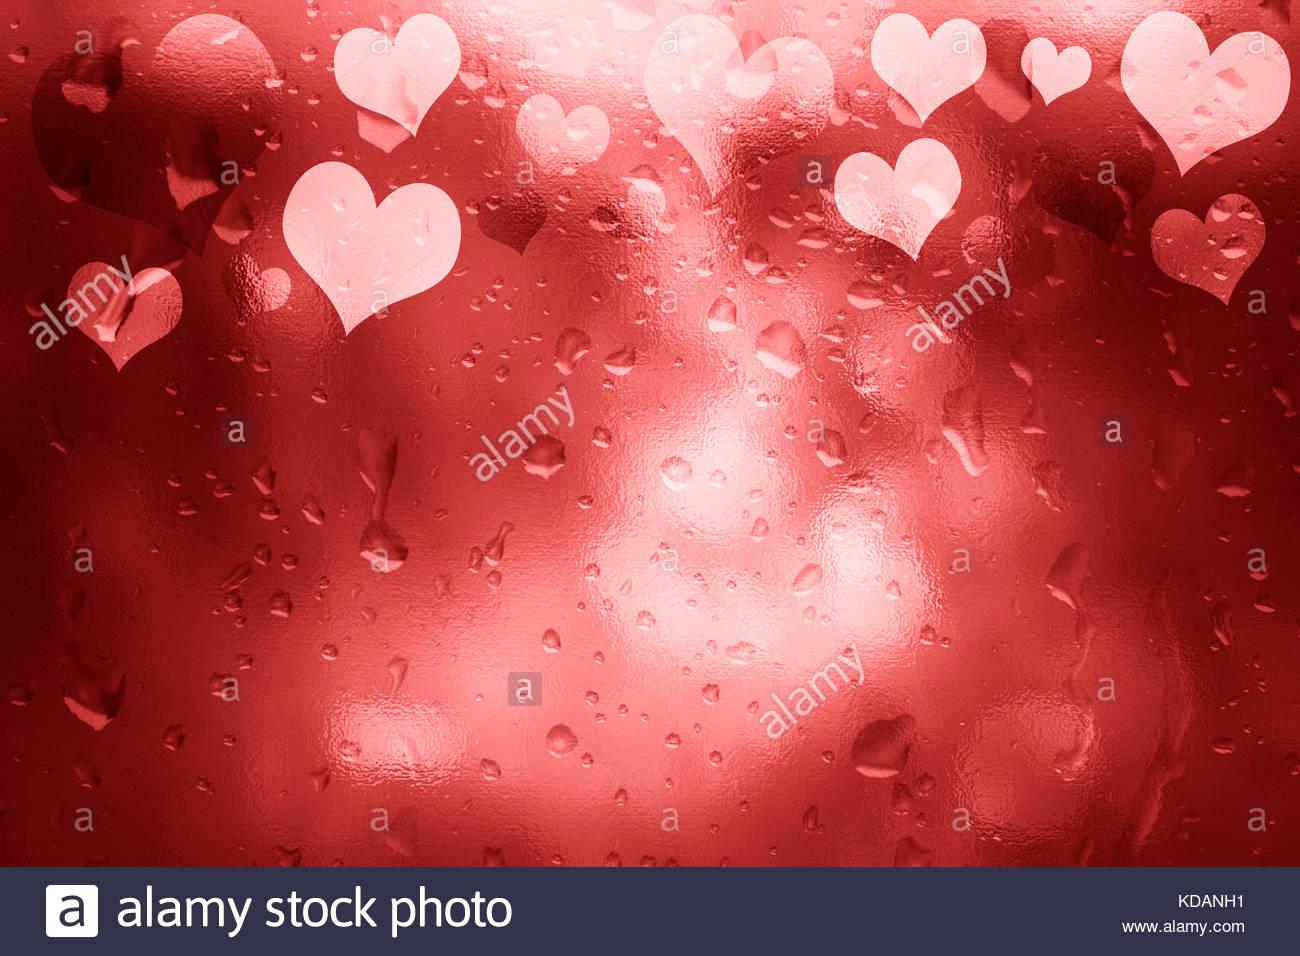 Nett Valentine Herz Zu Färben Bilder - Druckbare Malvorlagen ...